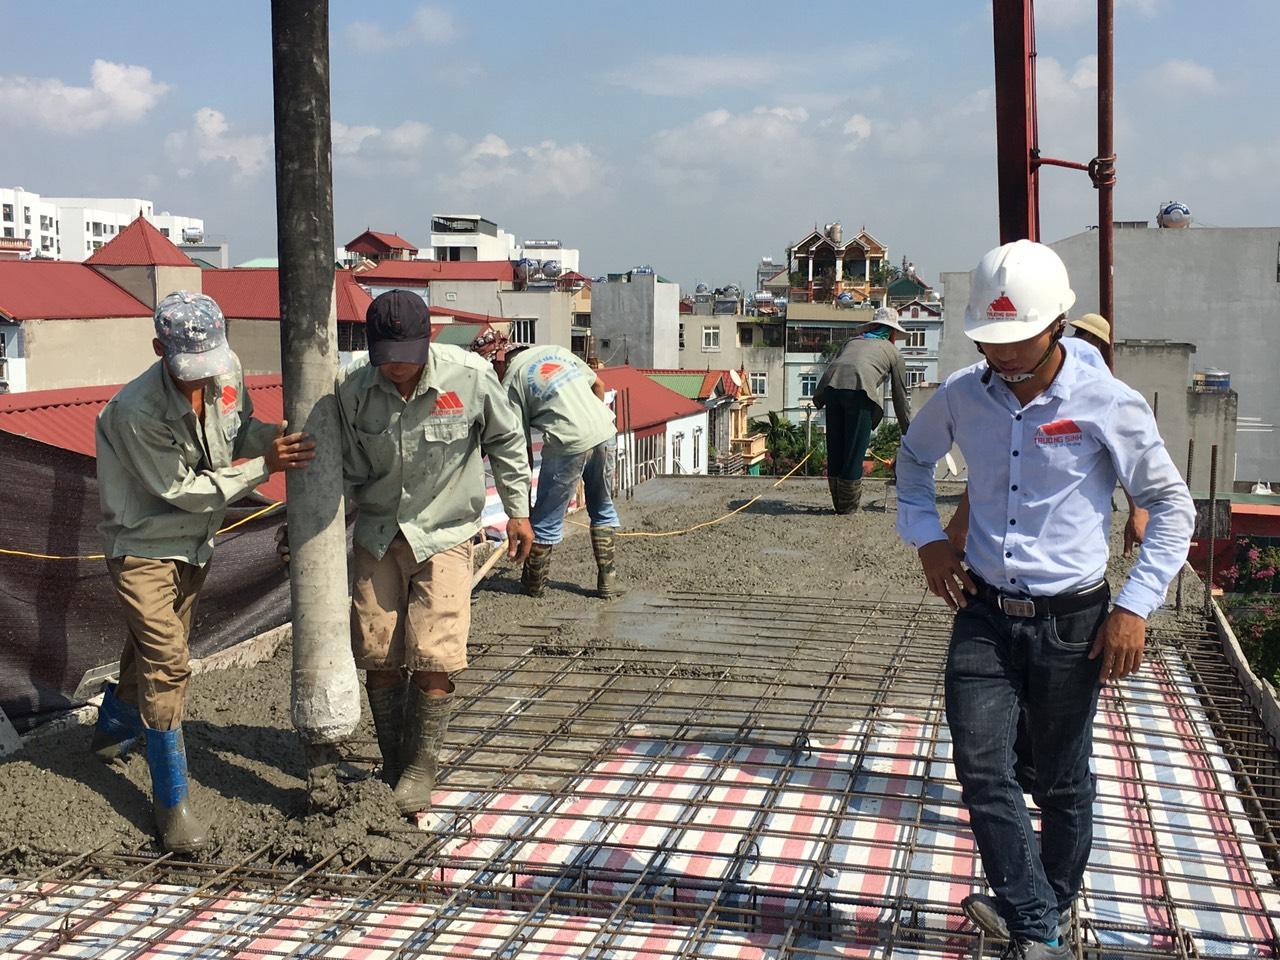 báo giá xây nhà trọn gói 2020 quận Cầu Giấy, Hà Nội 6